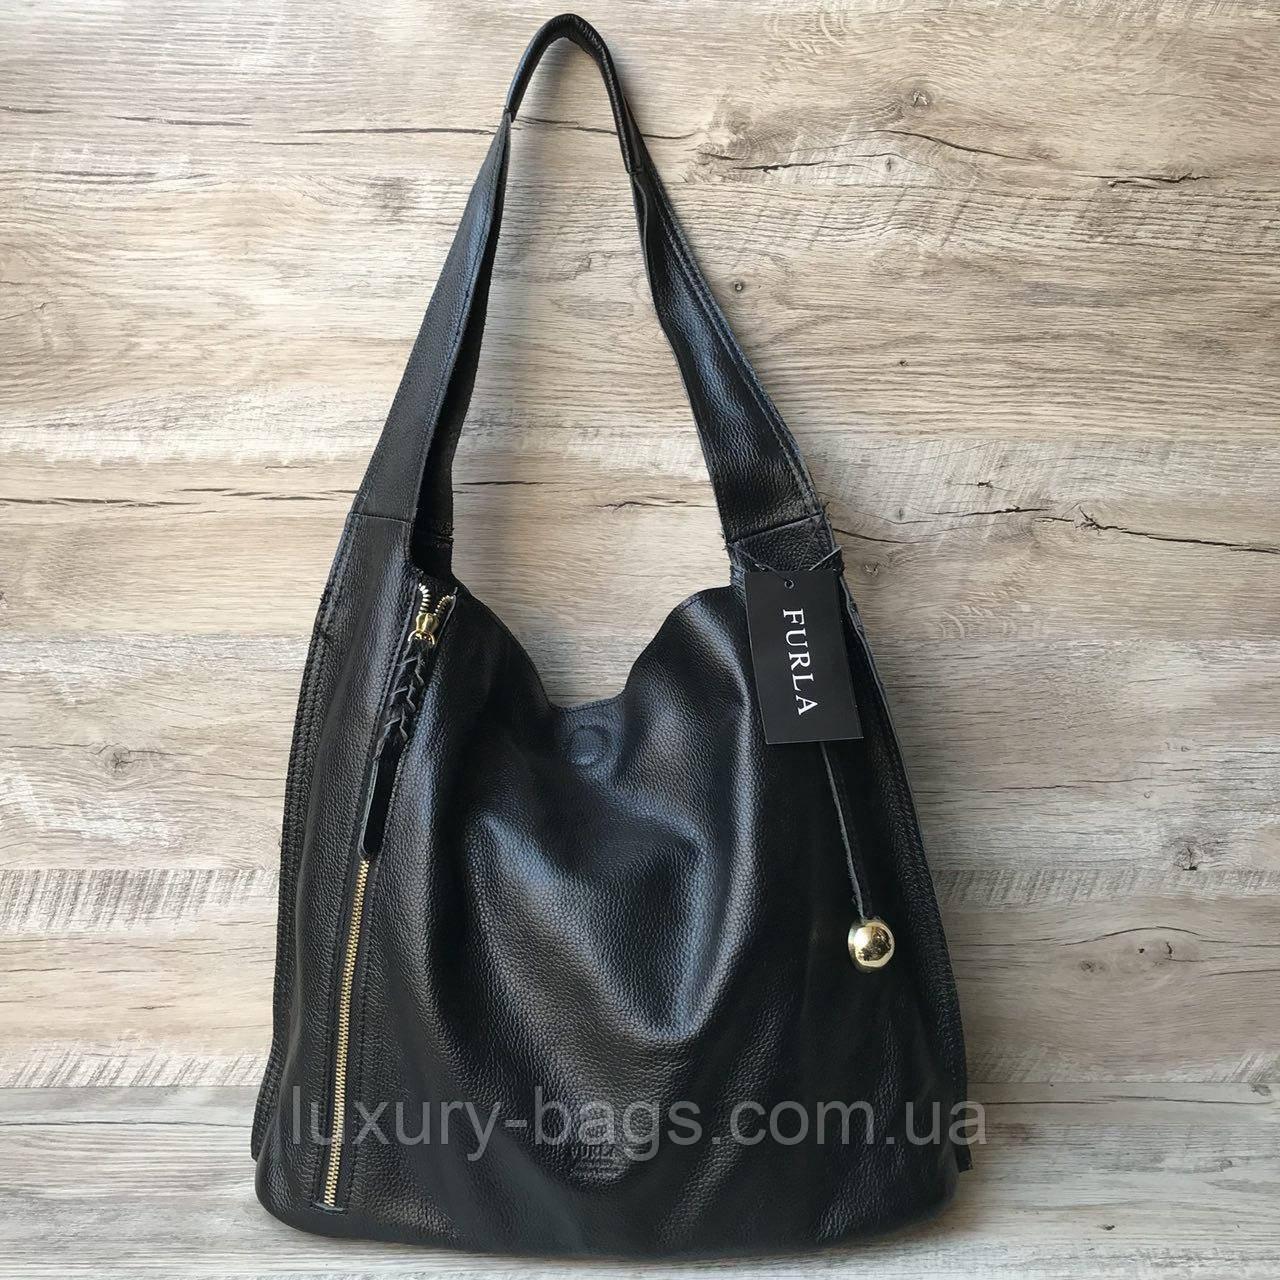 Жіноча шкіряна сумка на плече Фурла